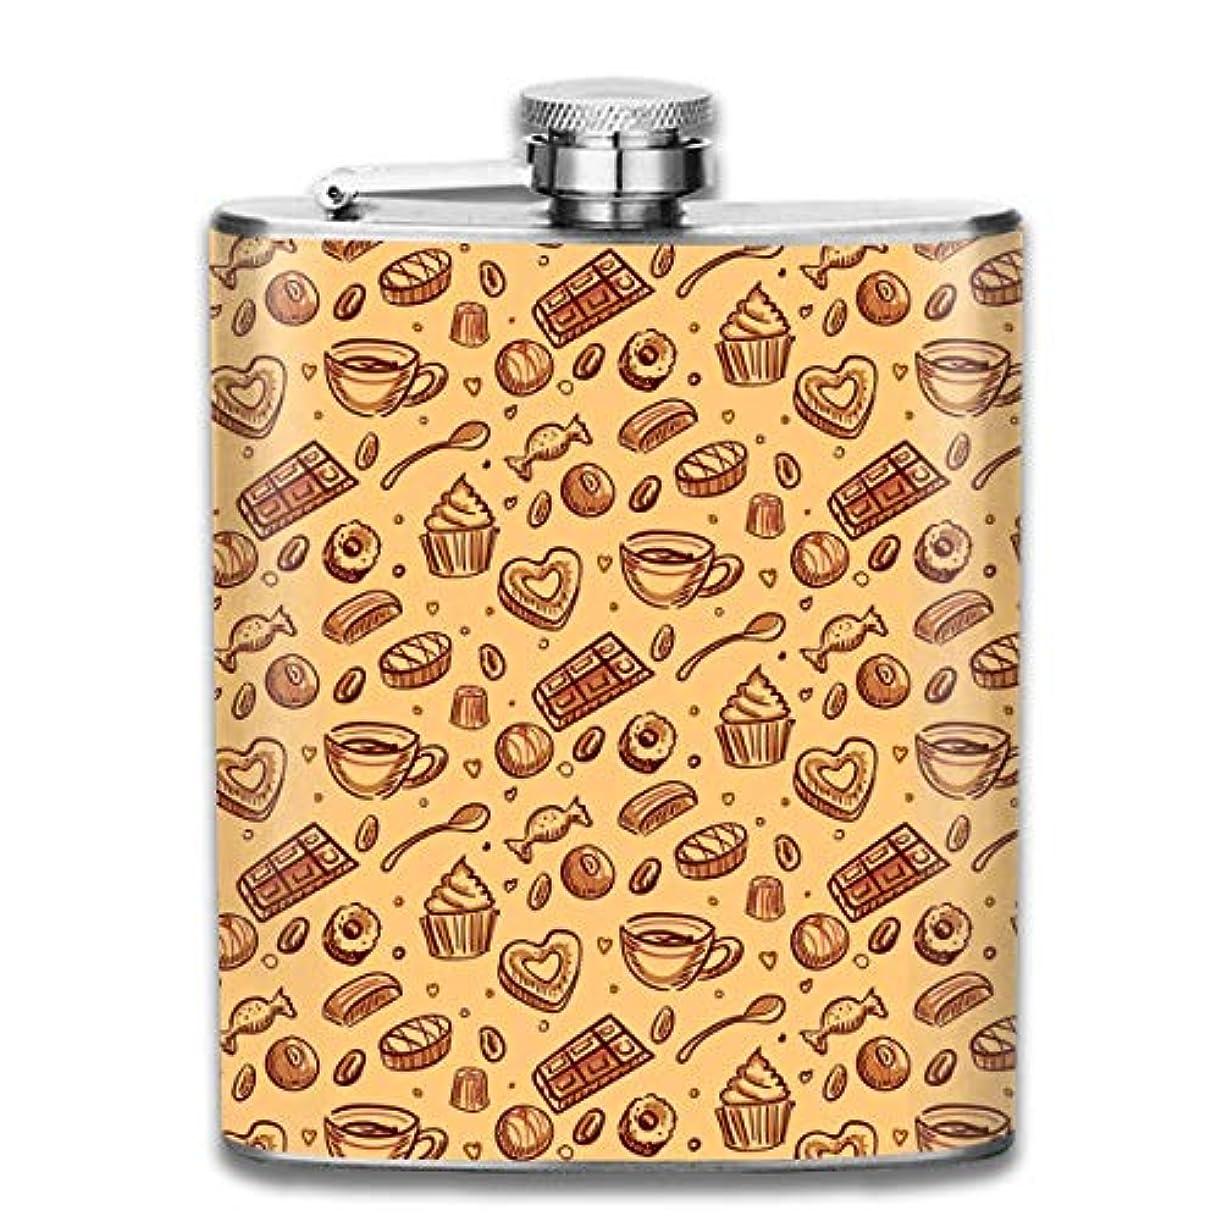 叙情的な熟練した繊毛アフタヌーンティールームフラスコ スキットル ヒップフラスコ 7オンス 206ml 高品質ステンレス製 ウイスキー アルコール 清酒 携帯 ボトル